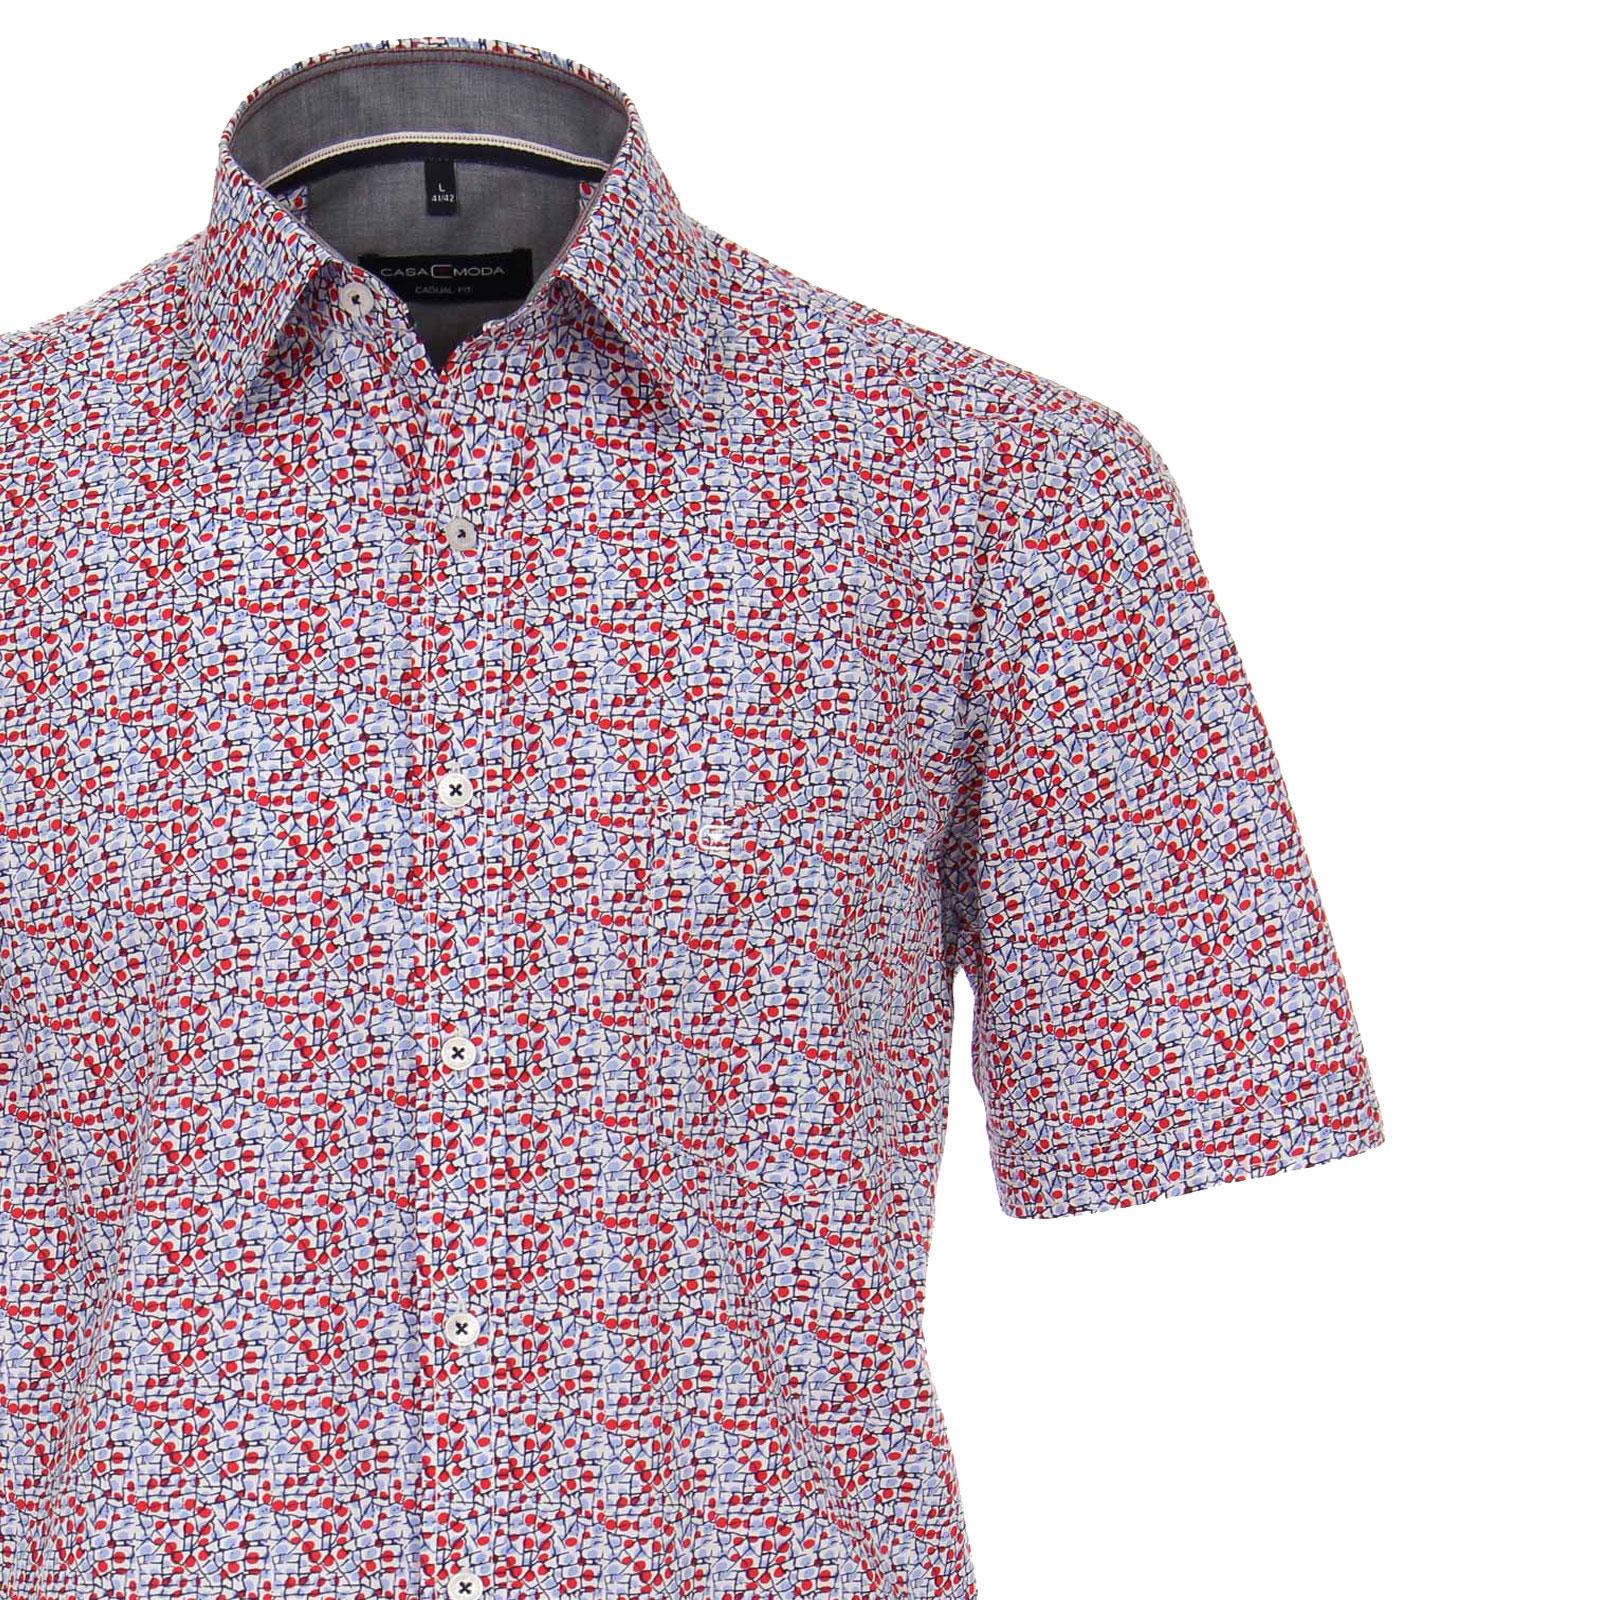 Maat Overhemd Heren.Grote Maten Overhemd Casa Moda Rood Met Blauw Dessin Kopen Bestel